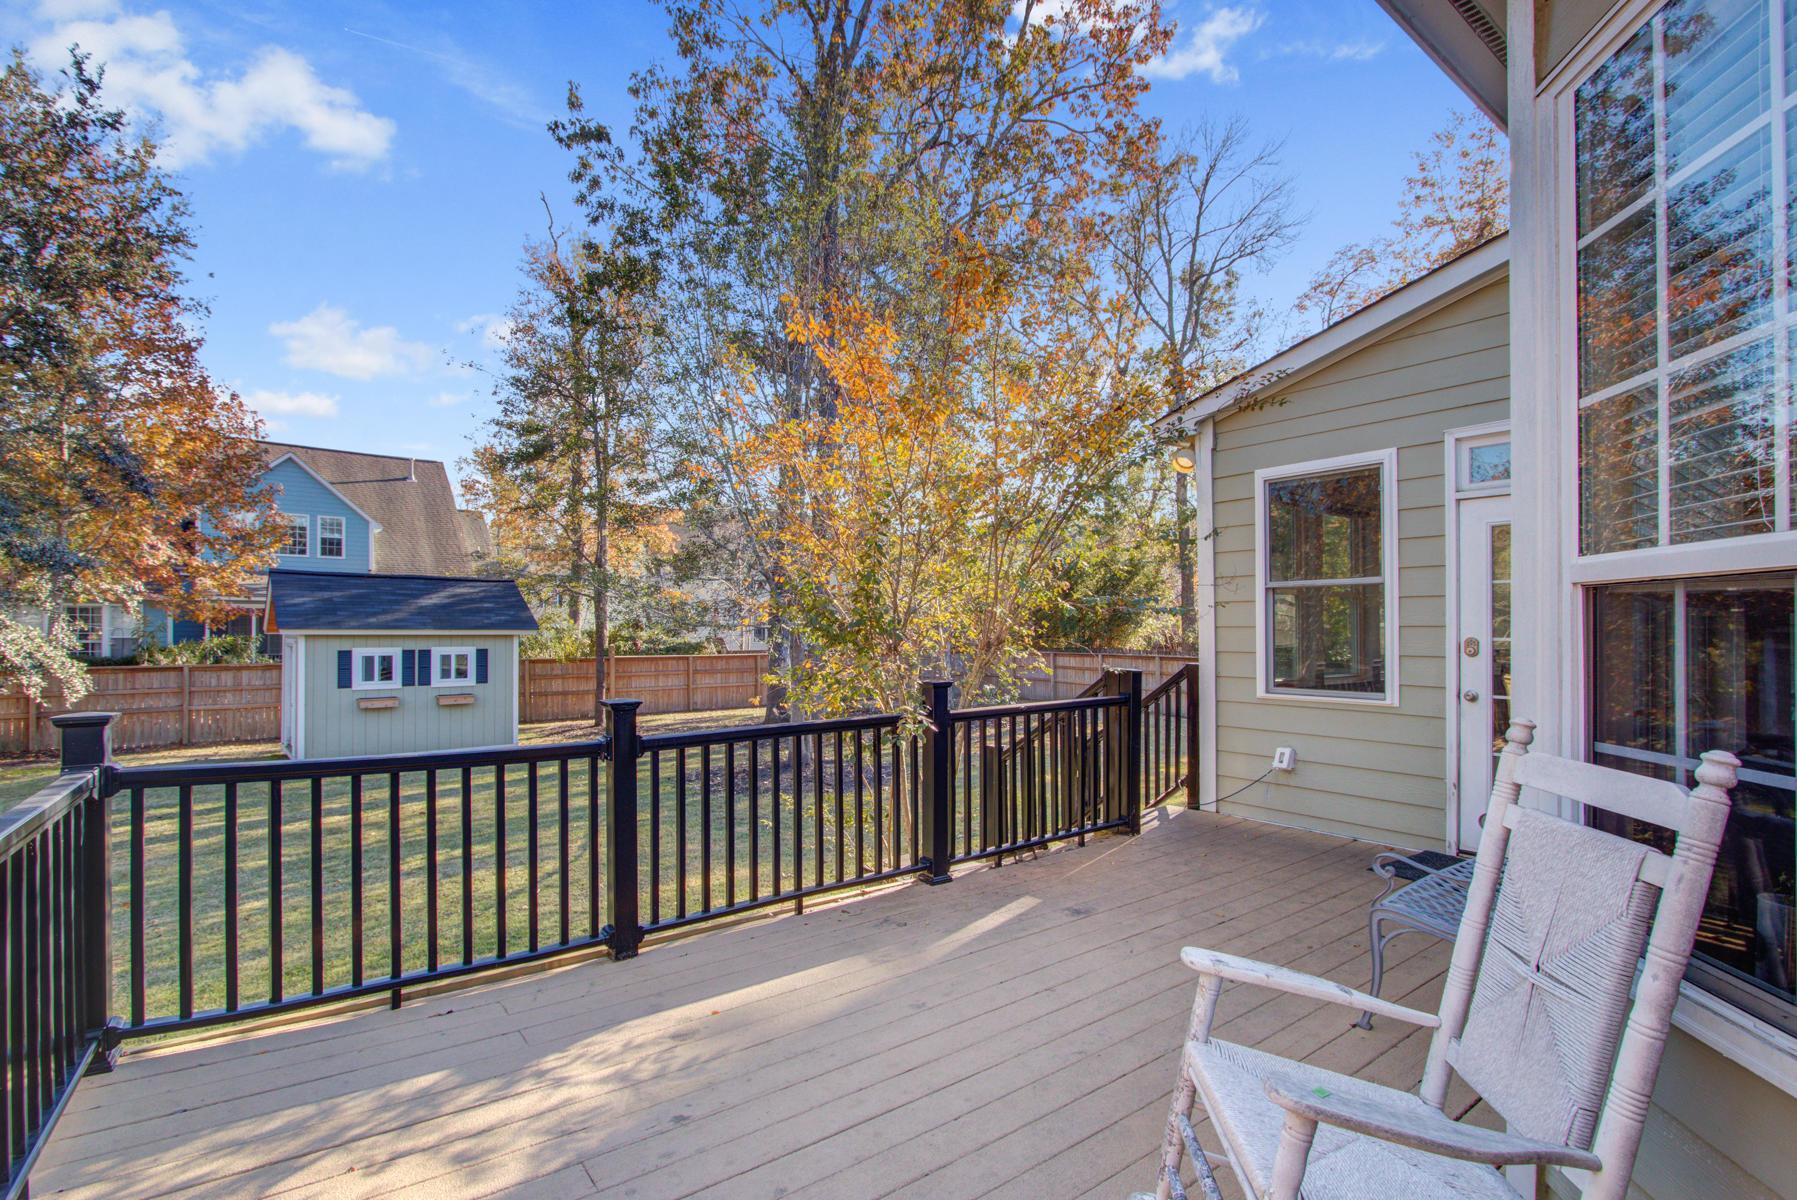 Dunes West Homes For Sale - 2104 Short Grass, Mount Pleasant, SC - 15